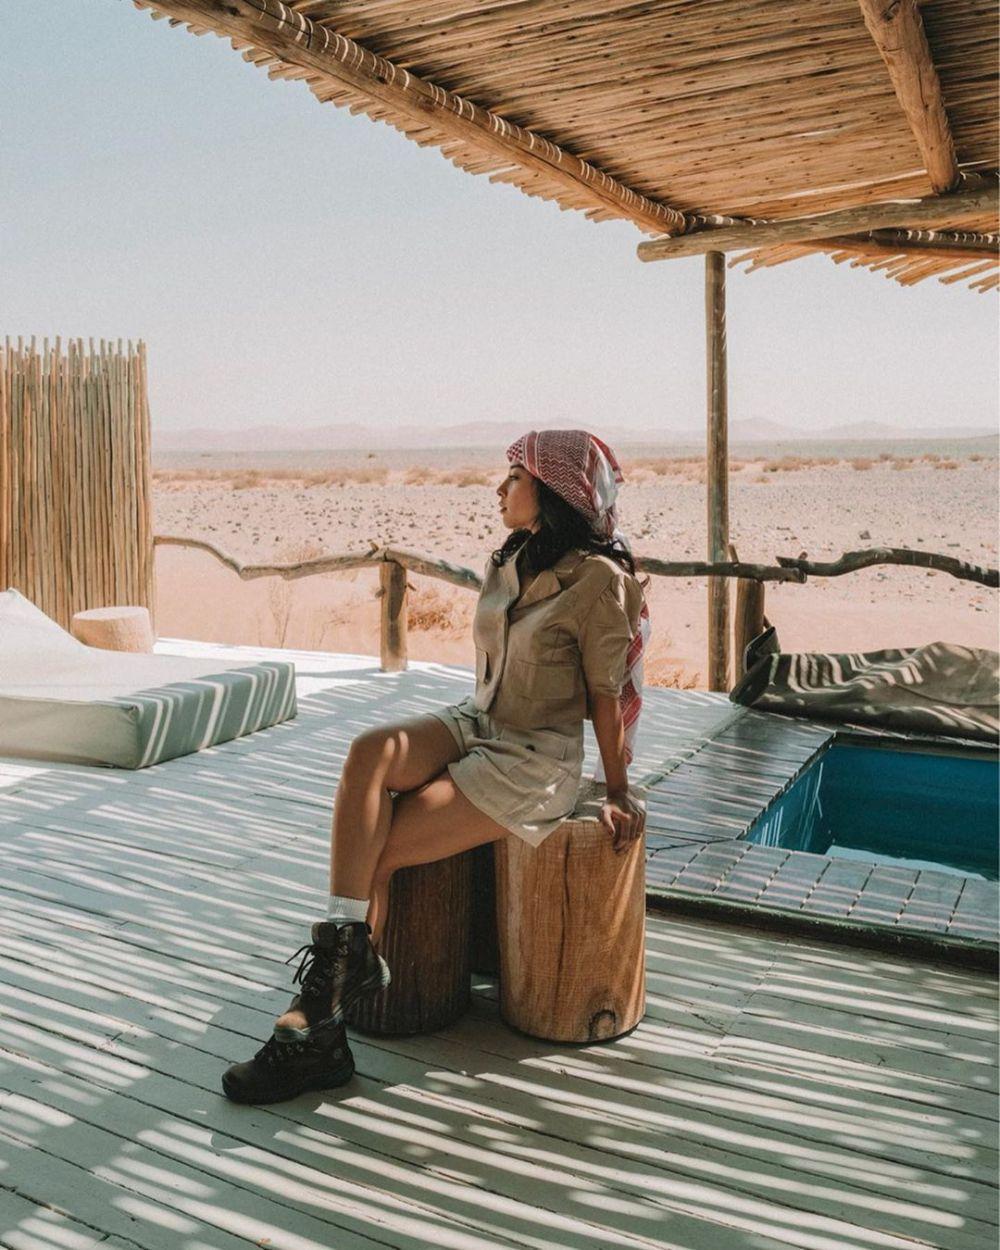 9 Momen Nikita Willy & pacar liburan ke Afrika, seru bare